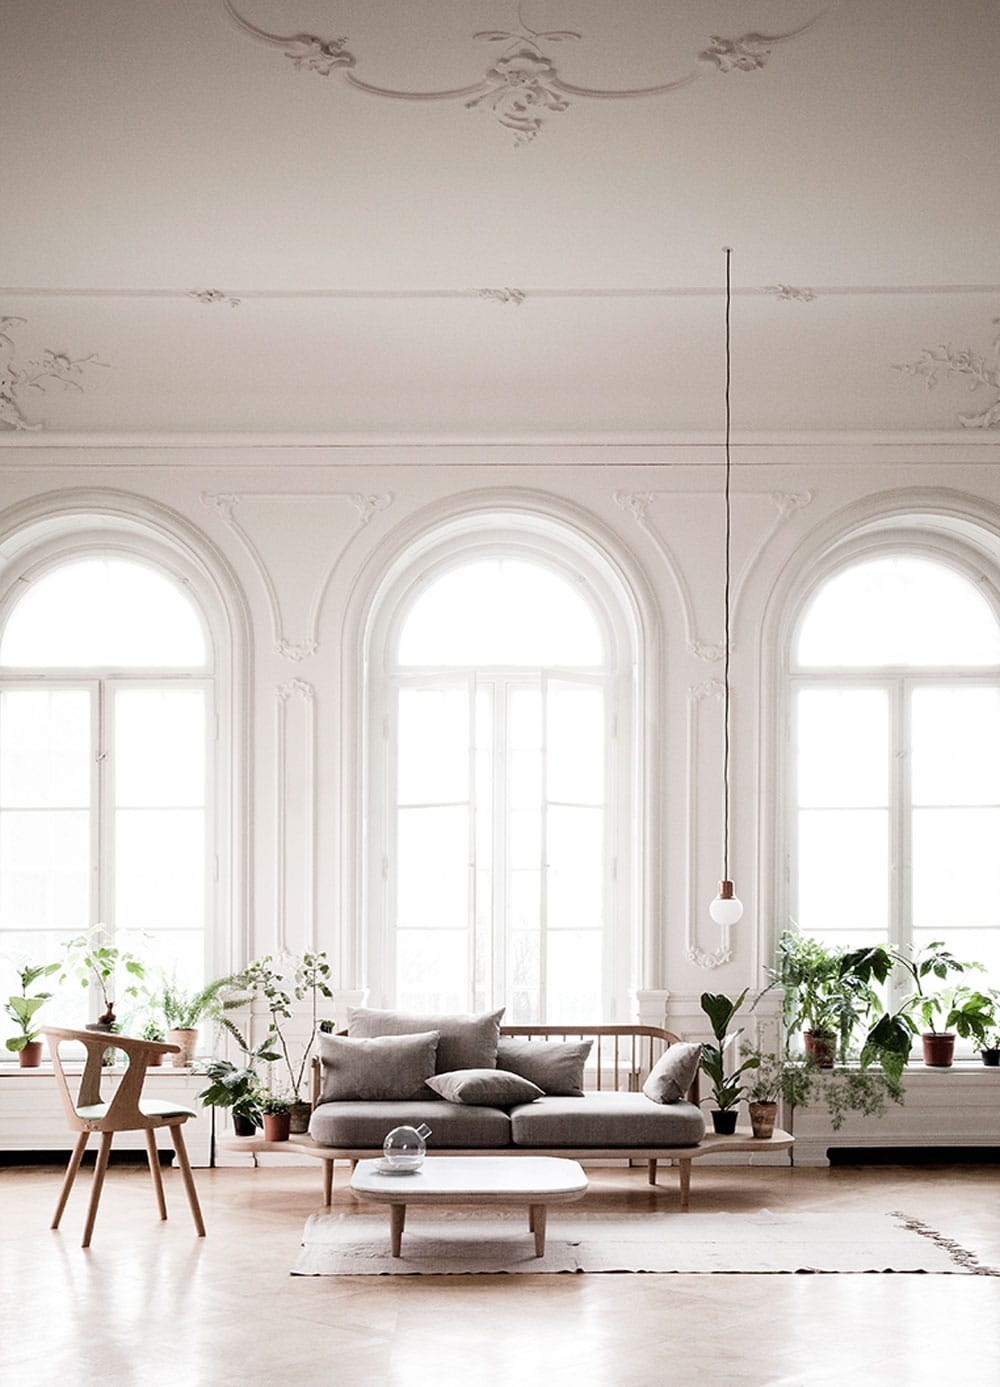 Wohnzimmer gemütlich einrichten – dumss.com